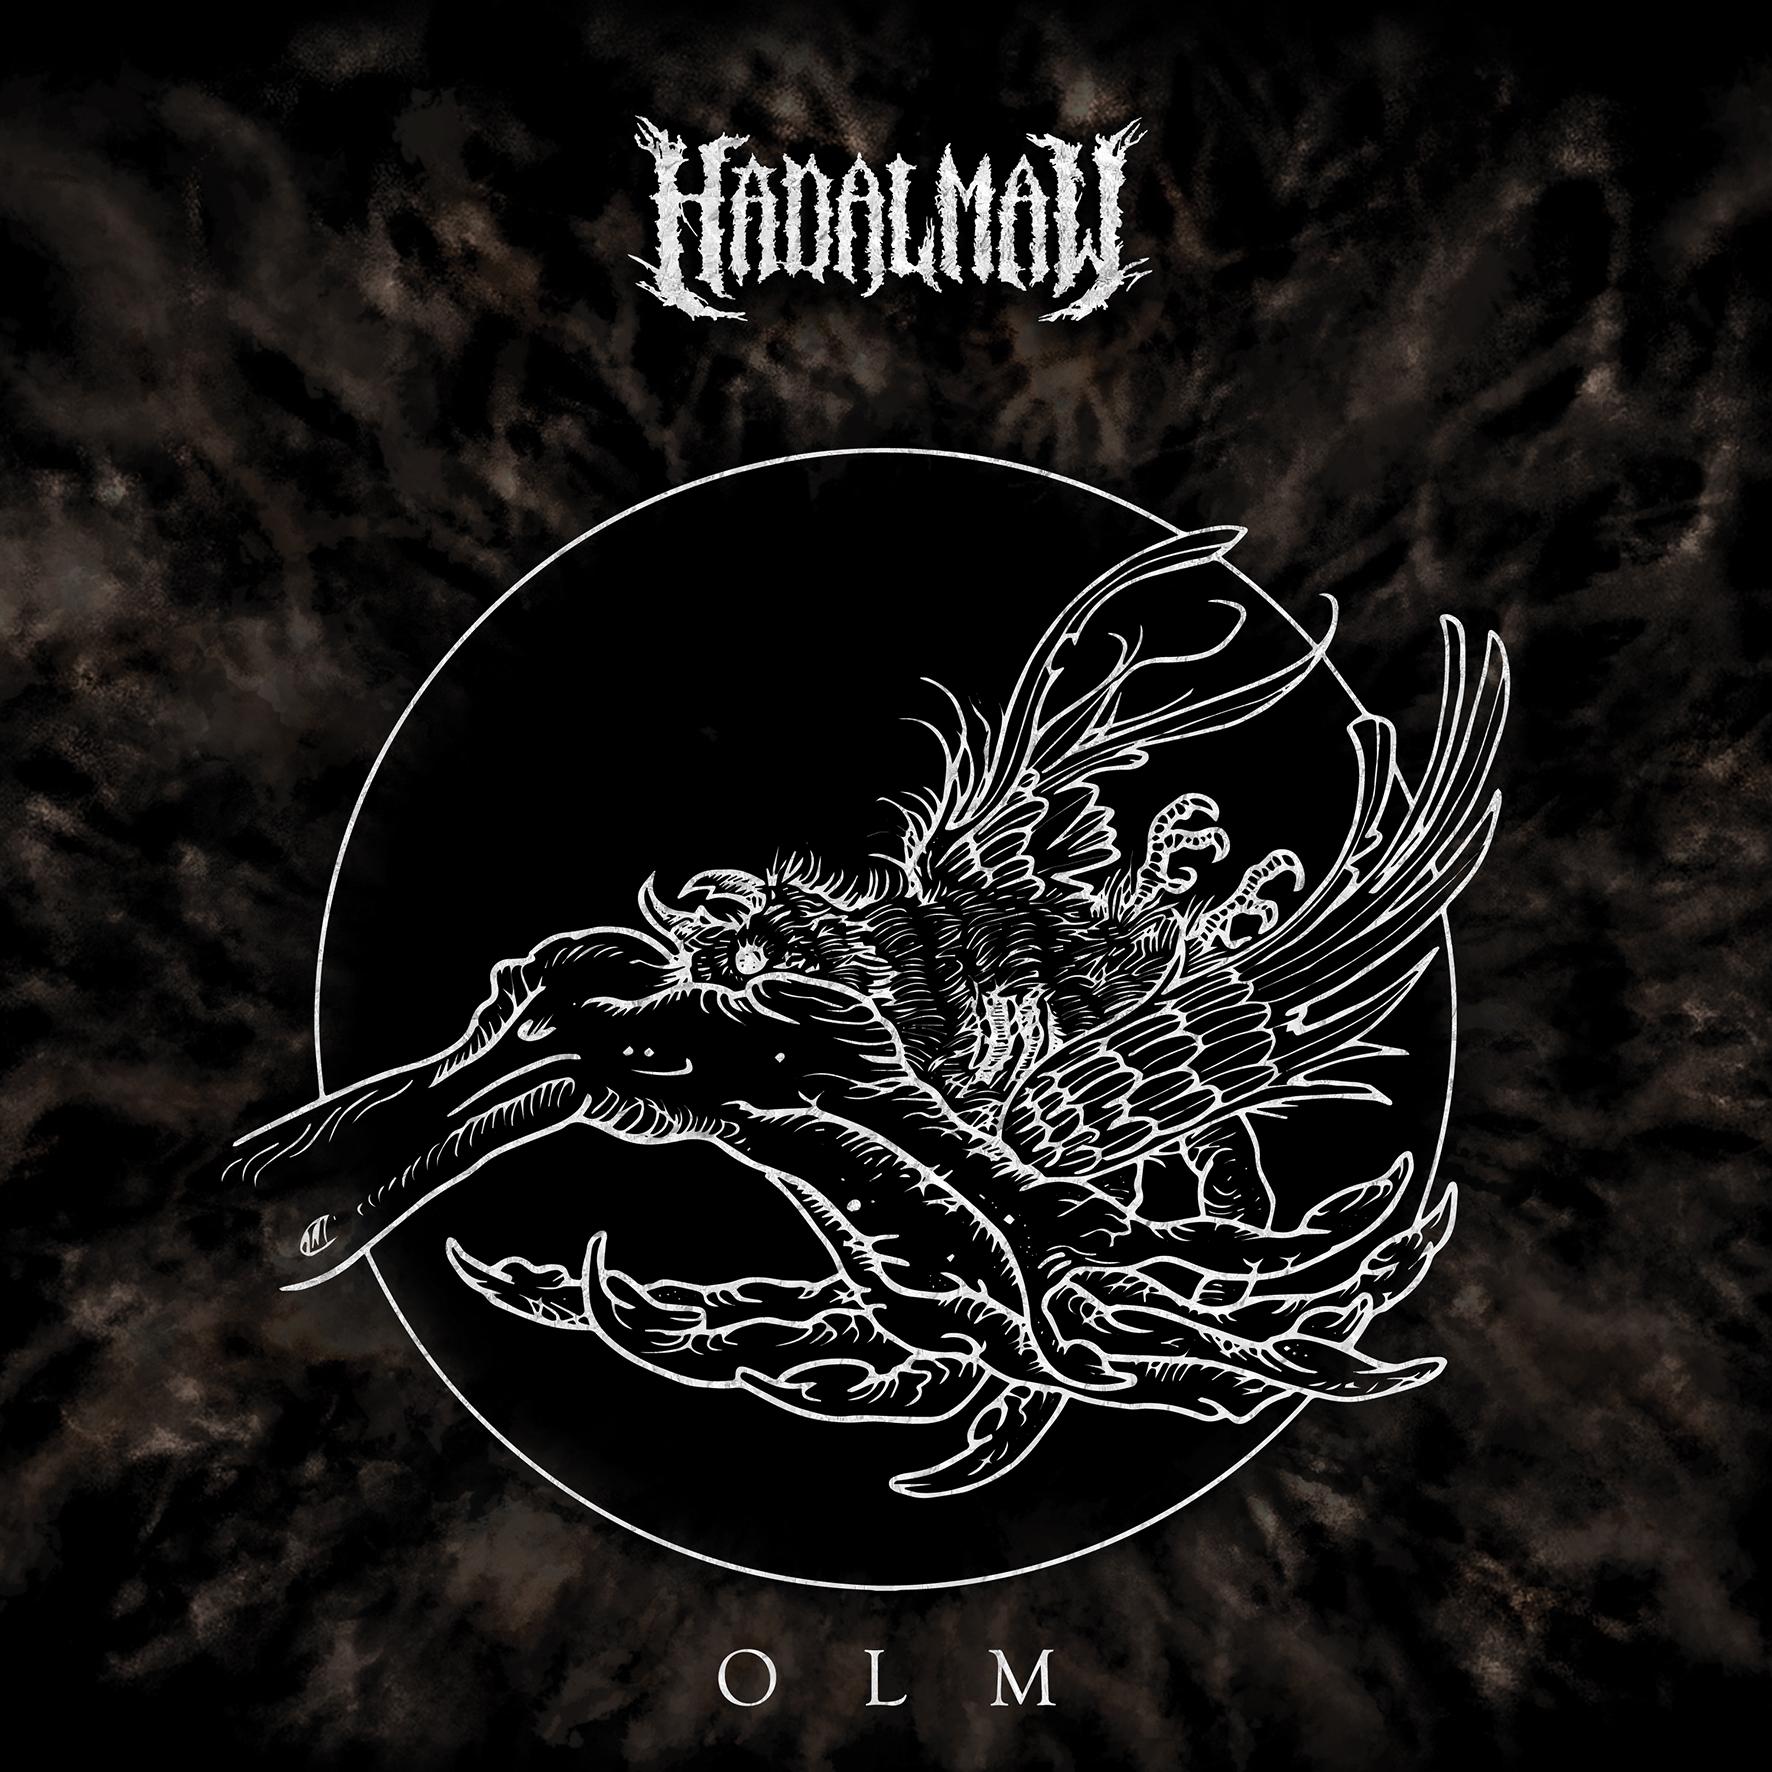 HadalMaw OLM - Digital Front v2a-01.jpg